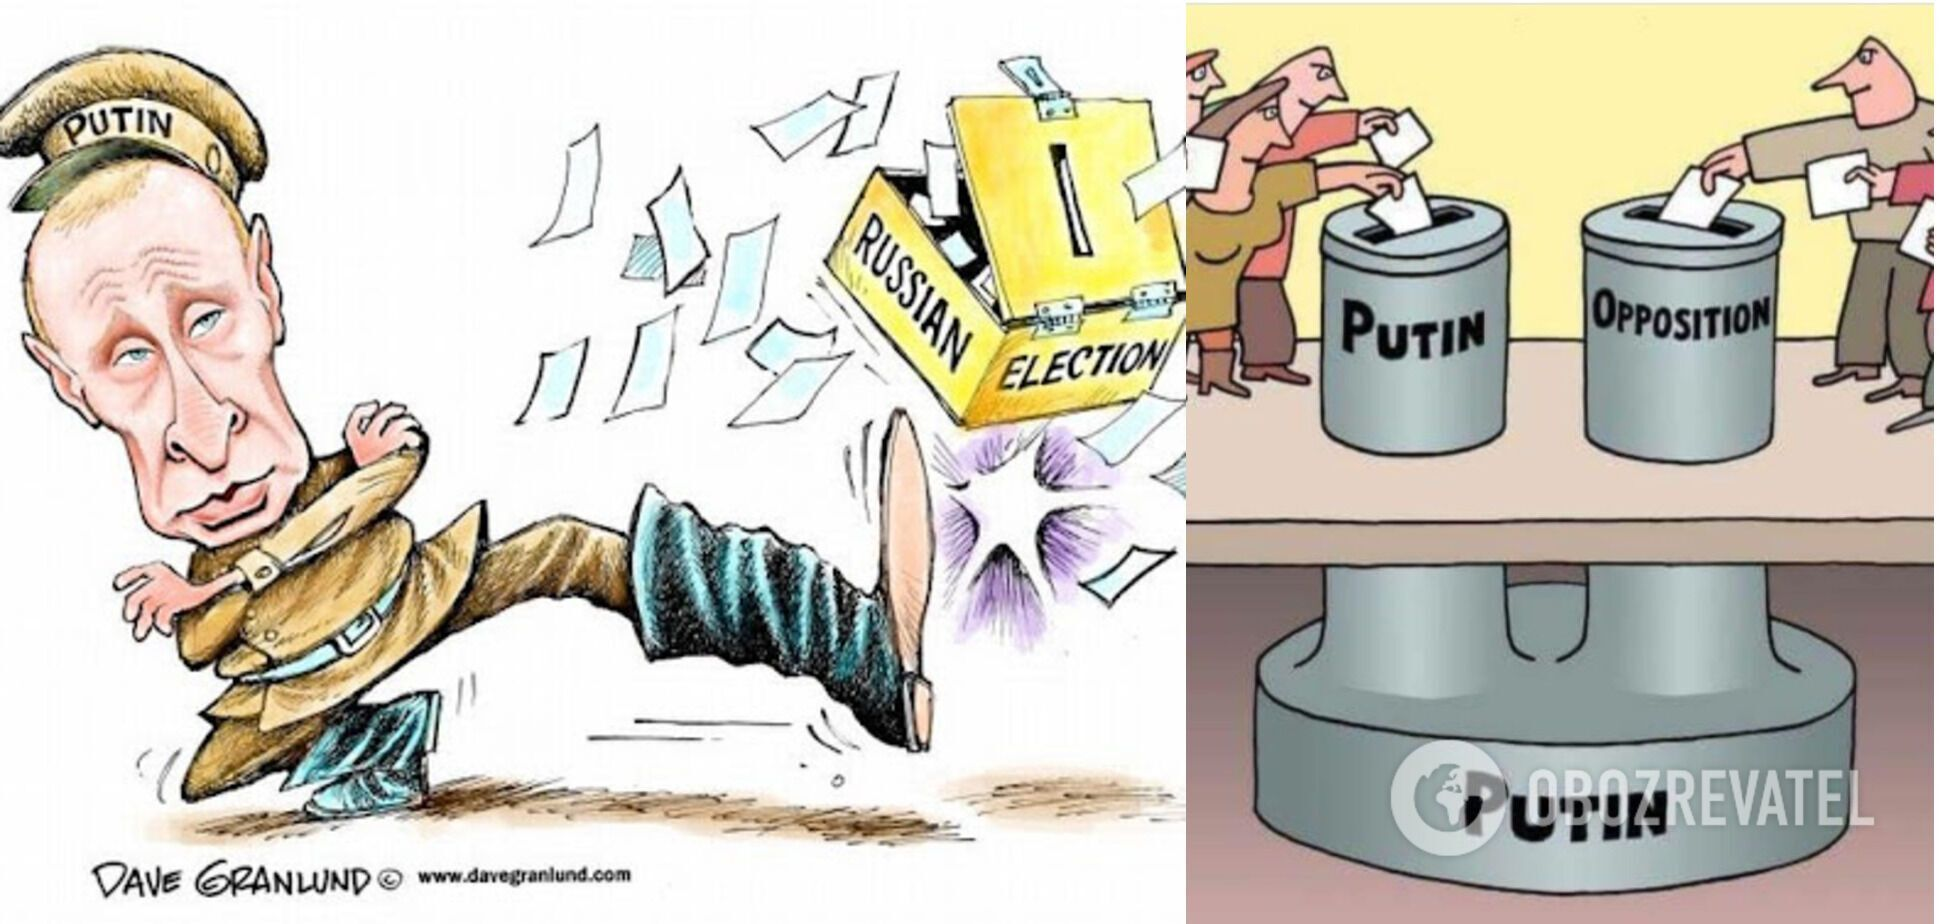 Навіщо Путіну проводити 'вибори'? Адже результати наперед зрозумілі, як і в СССР